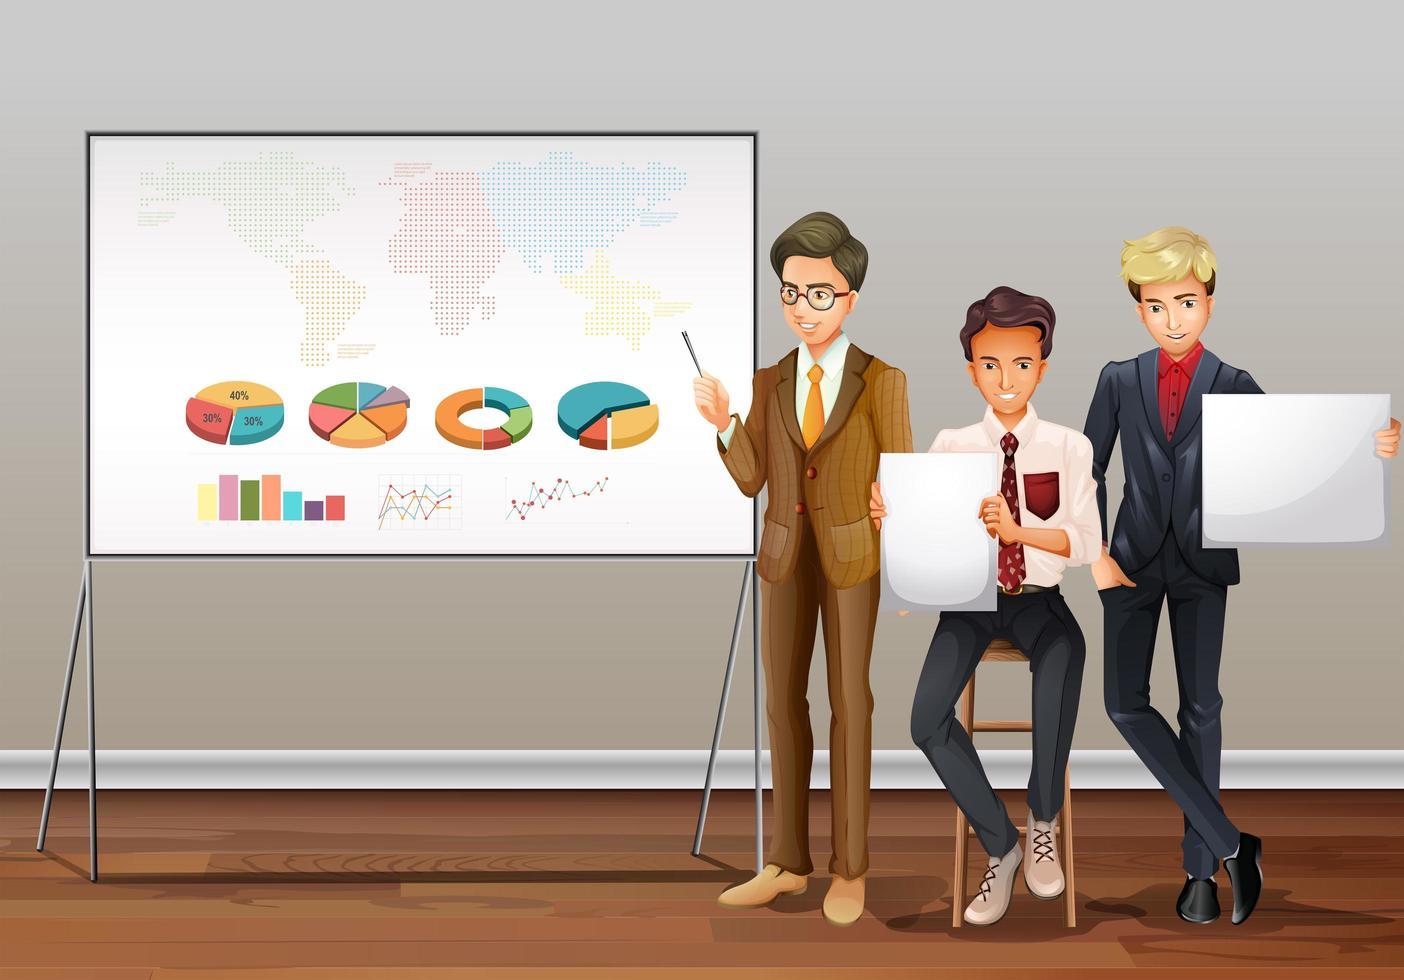 hommes d'affaires et graphiques de présentation vecteur